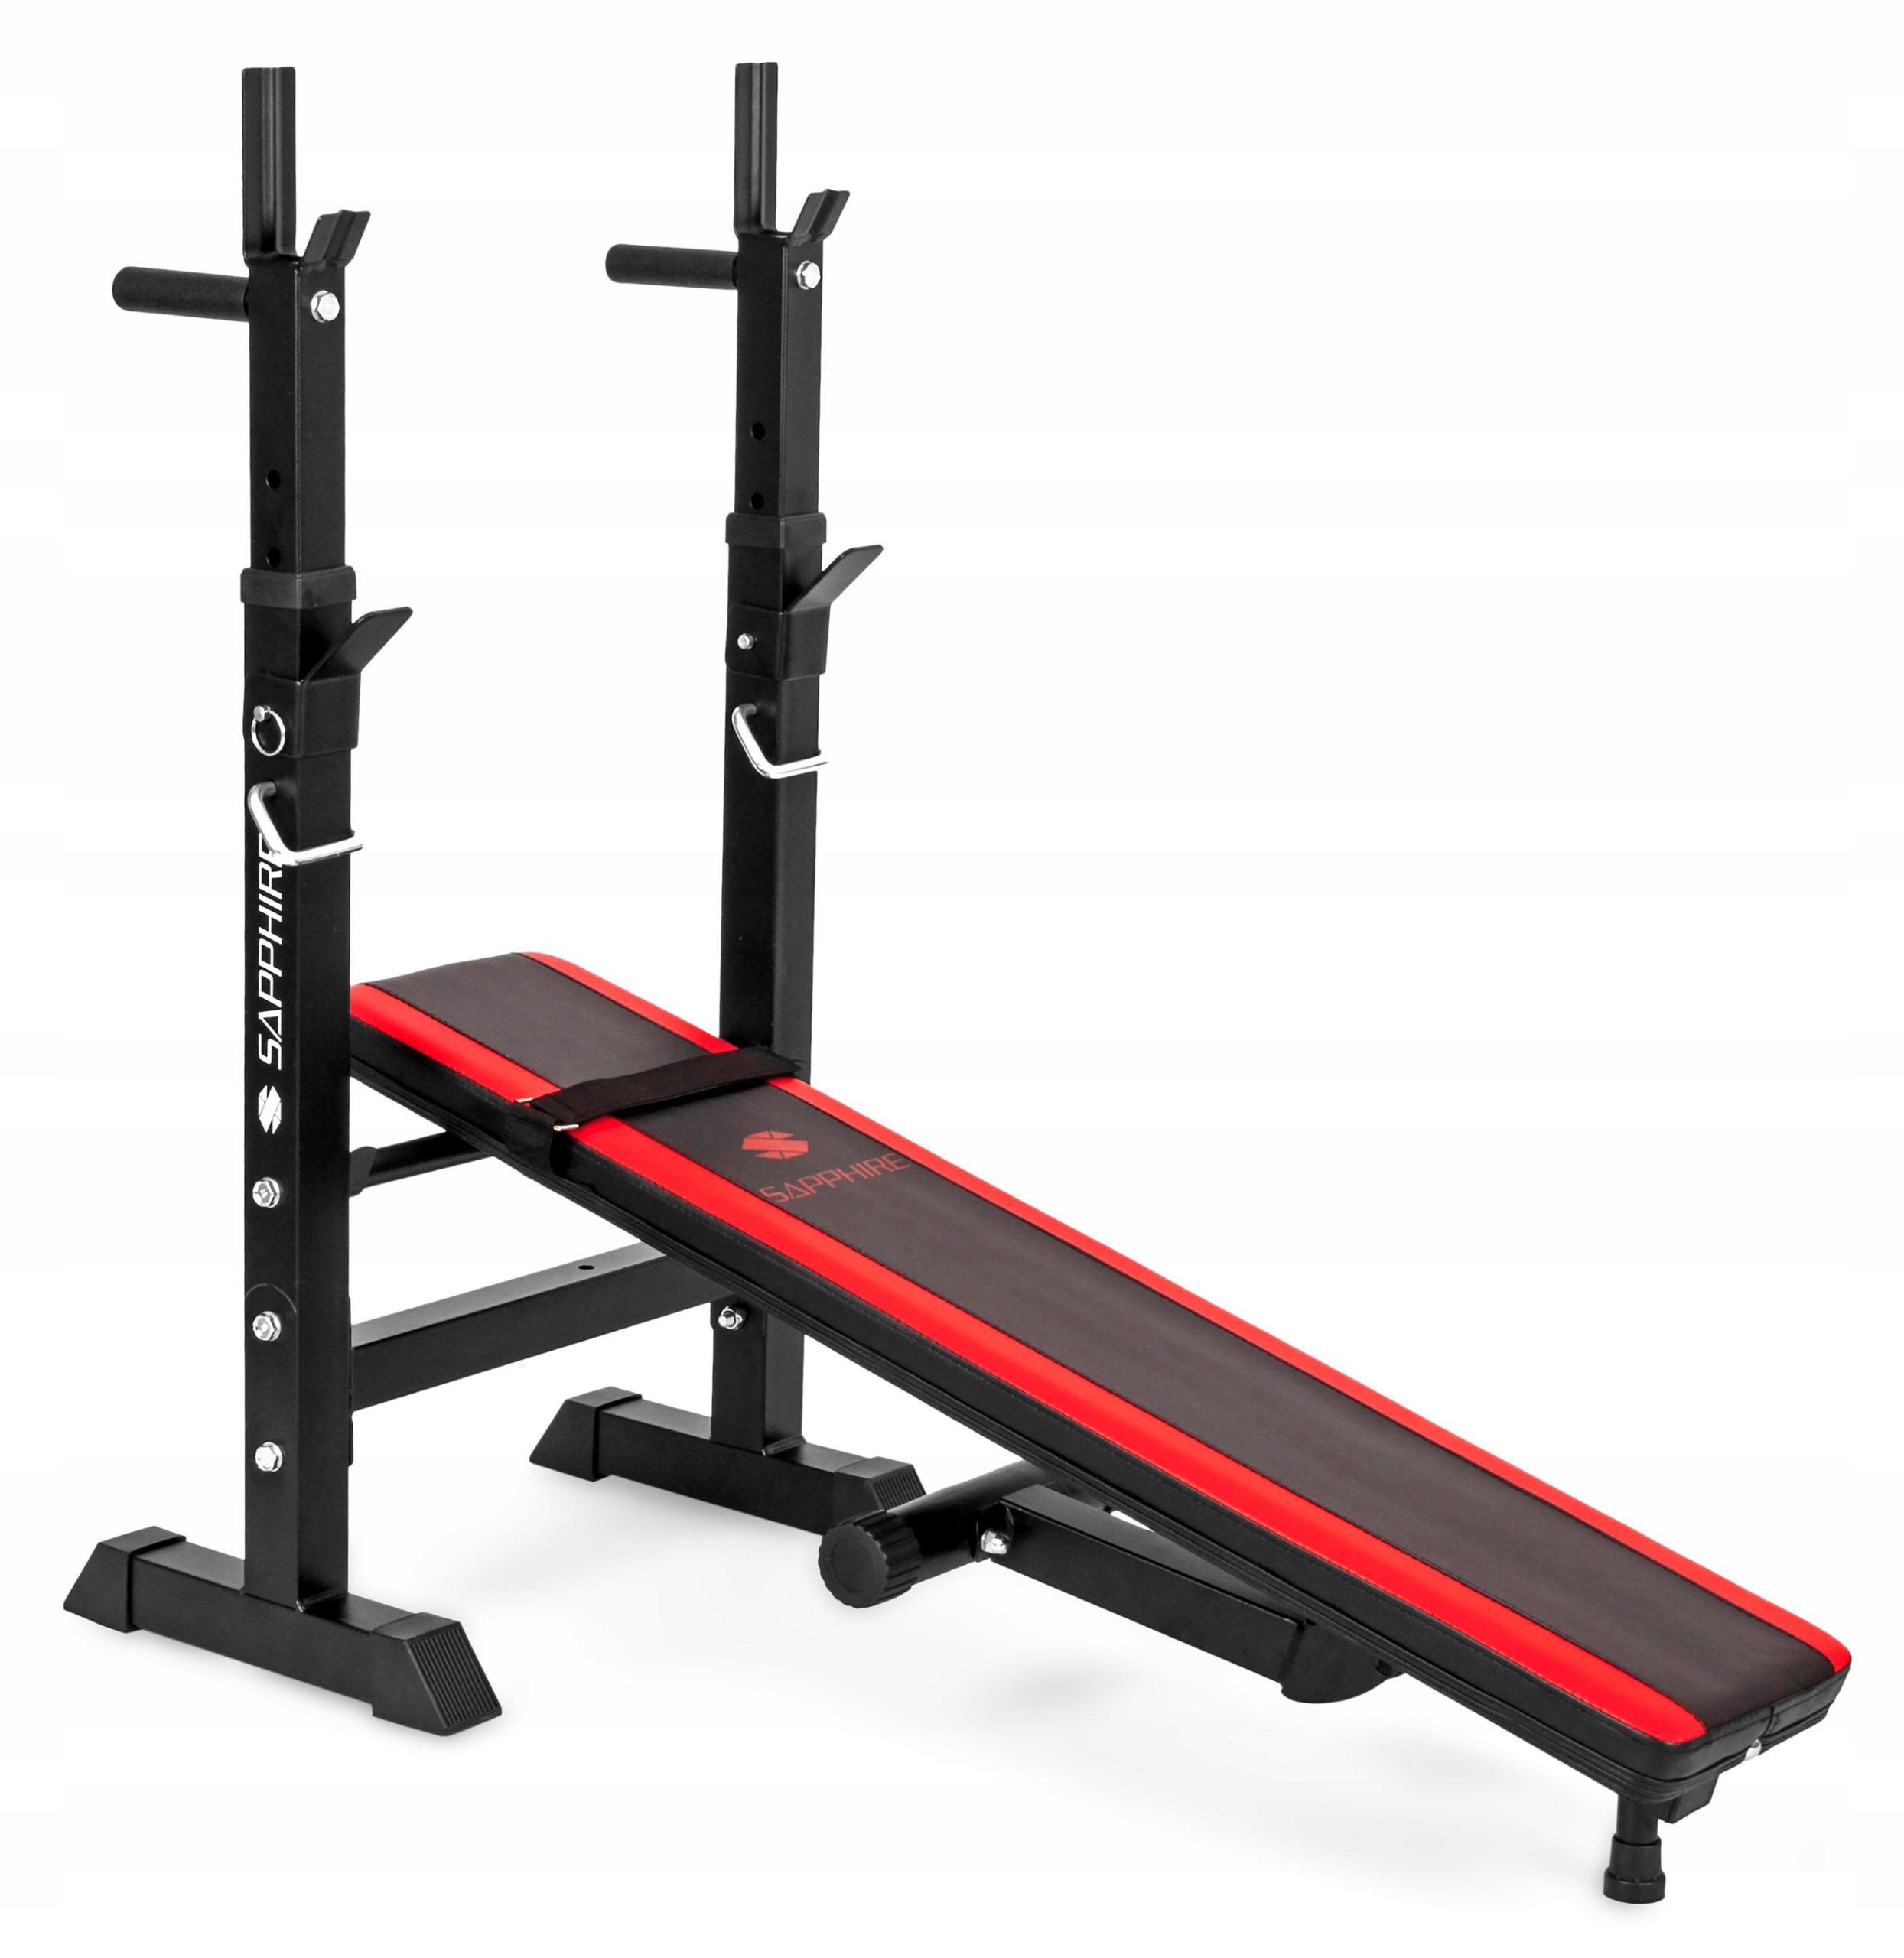 XYLO siłownia 36 kg zestaw ŁAWKA+GRYFY+OBCIĄŻENIA Marka Xylo